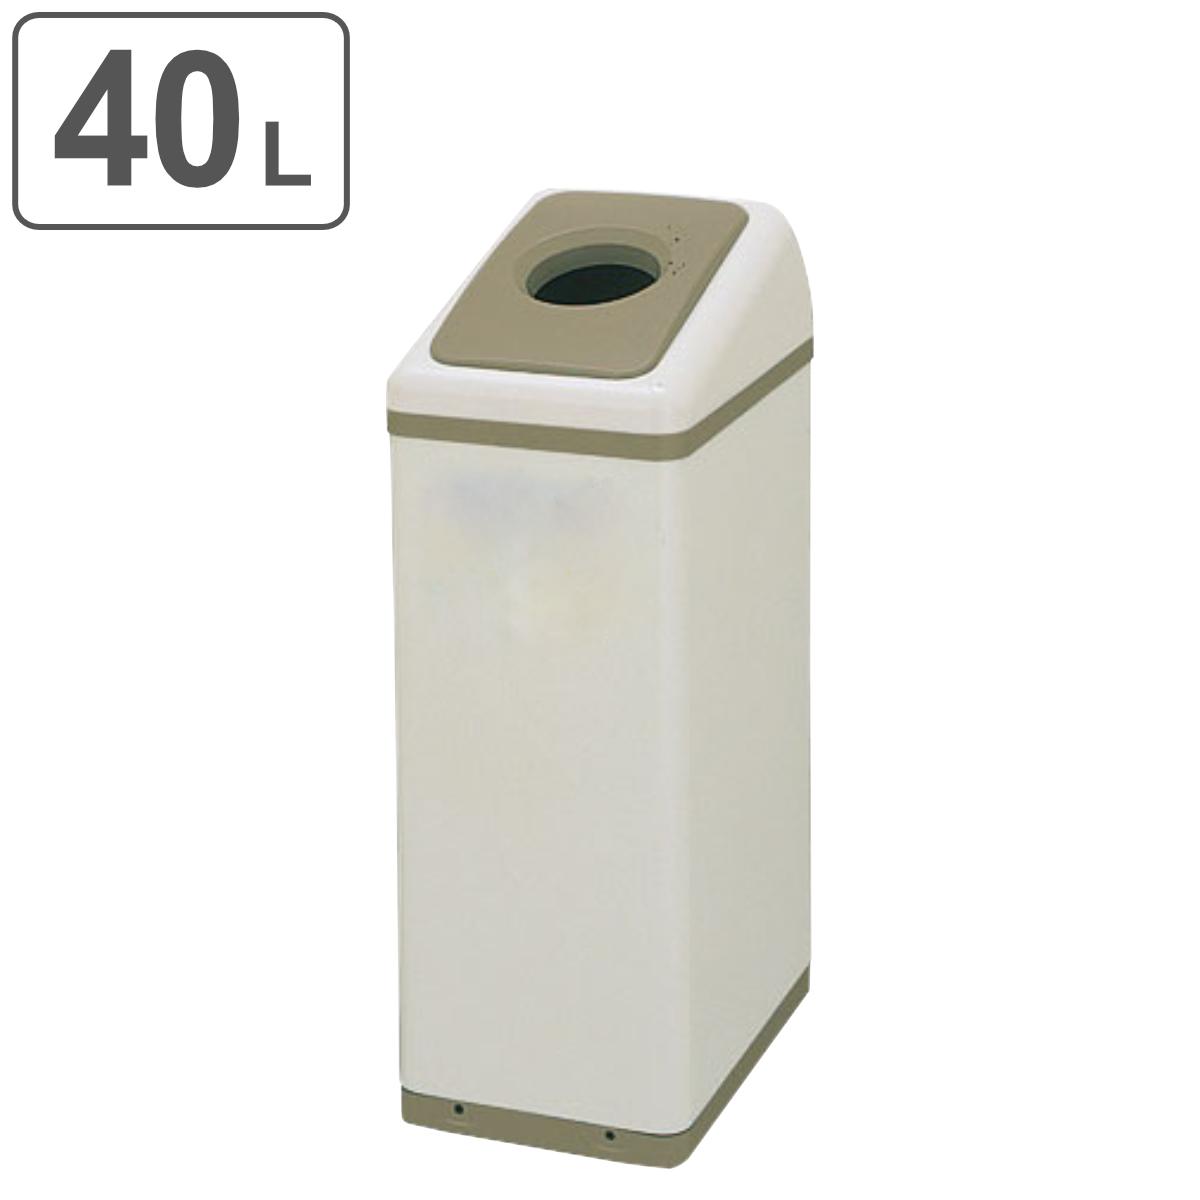 屋内用リサイクルボックス EK-360 L2 (分別ゴミ箱 ヤマザキ ダストボックス 山崎産業 送料無料 ) 【4500円以上送料無料】